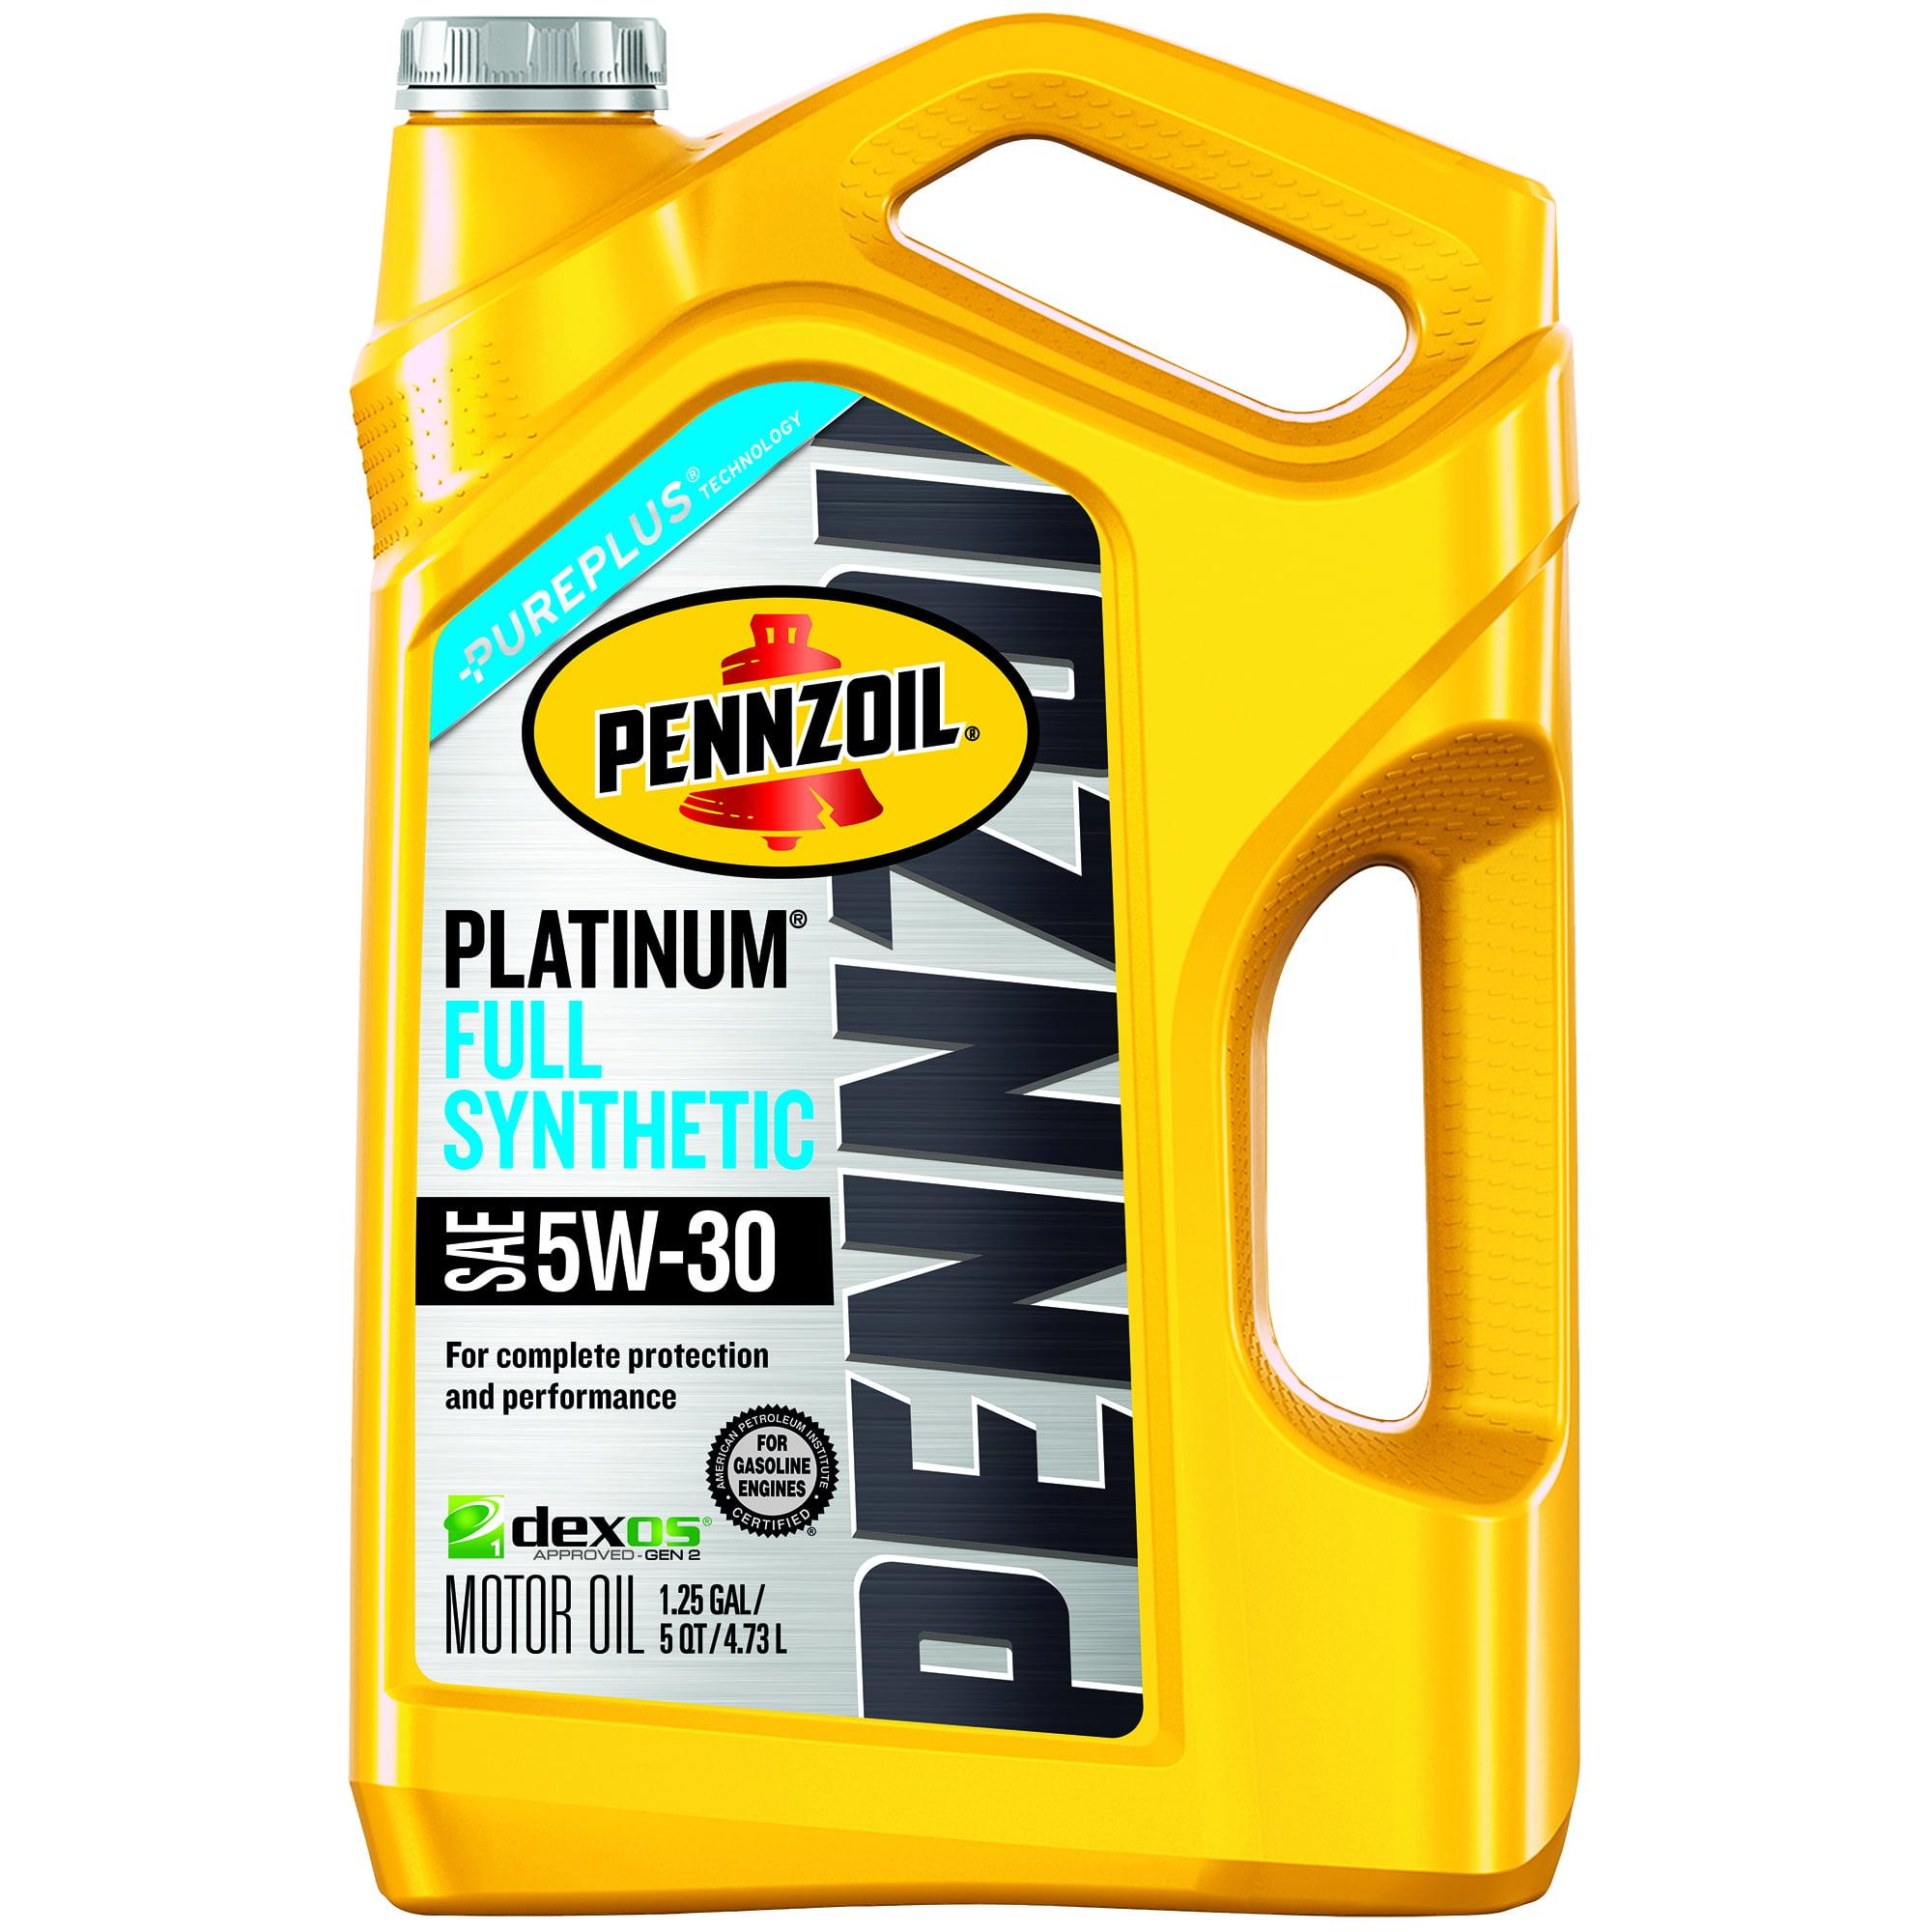 Pennzoil Platinum 5W-30 Dexos Full Synthetic Motor Oil, 5 qt